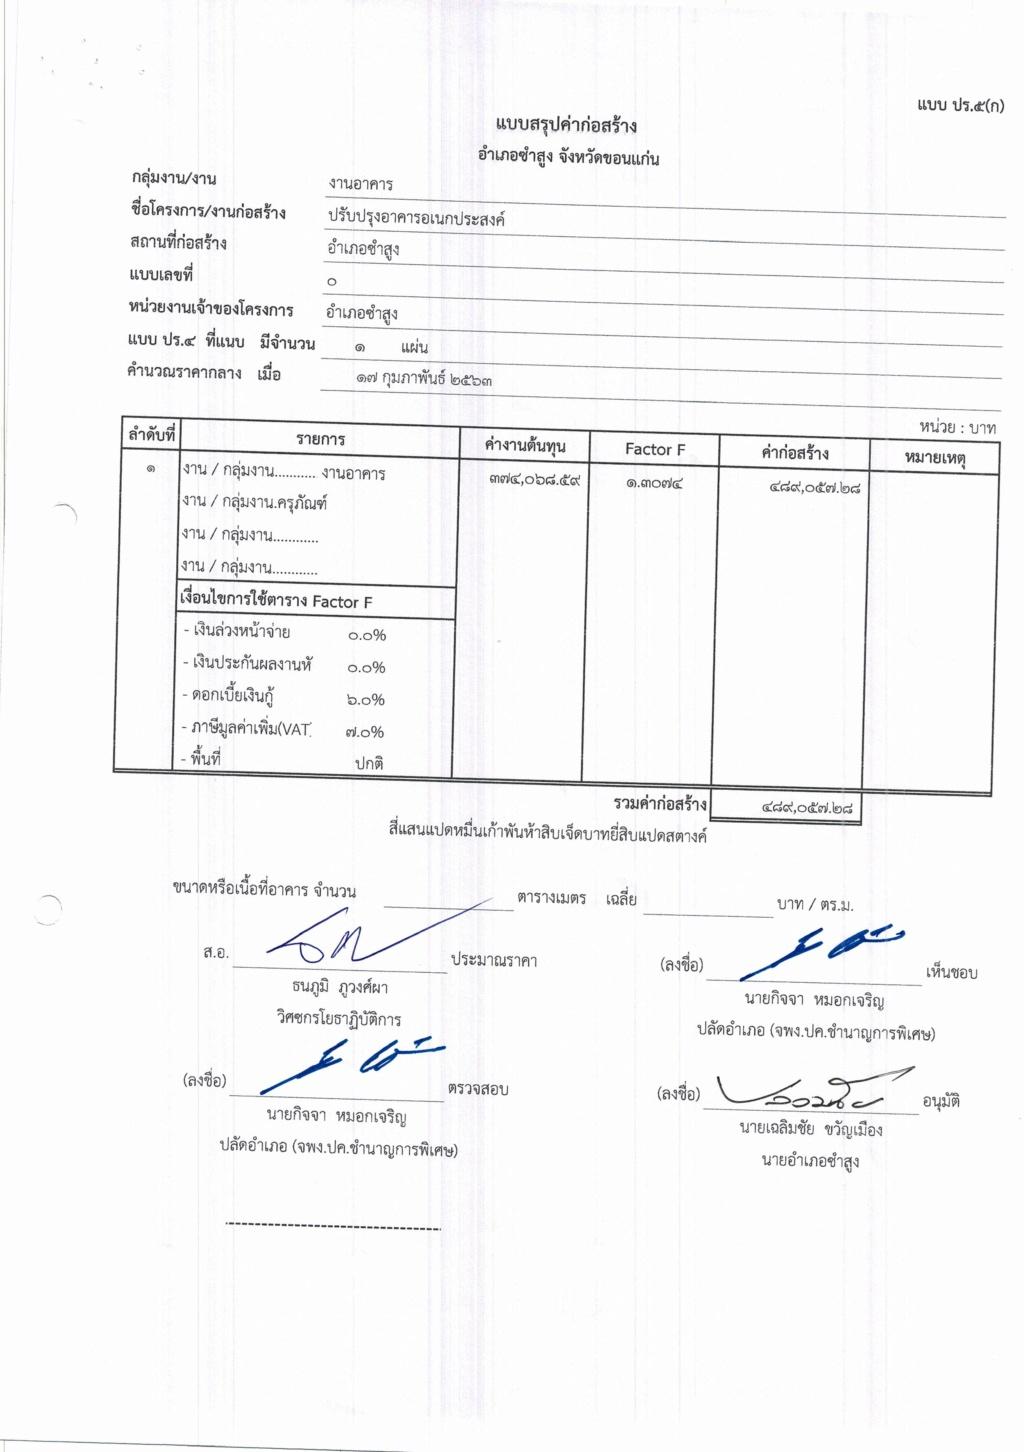 โครงการปรับปรุงอาคารหอประชุม อำเภอซำสูง จังหวัดขอนแก่น ประจำปีงบประมาณ 2563   Cci_0017